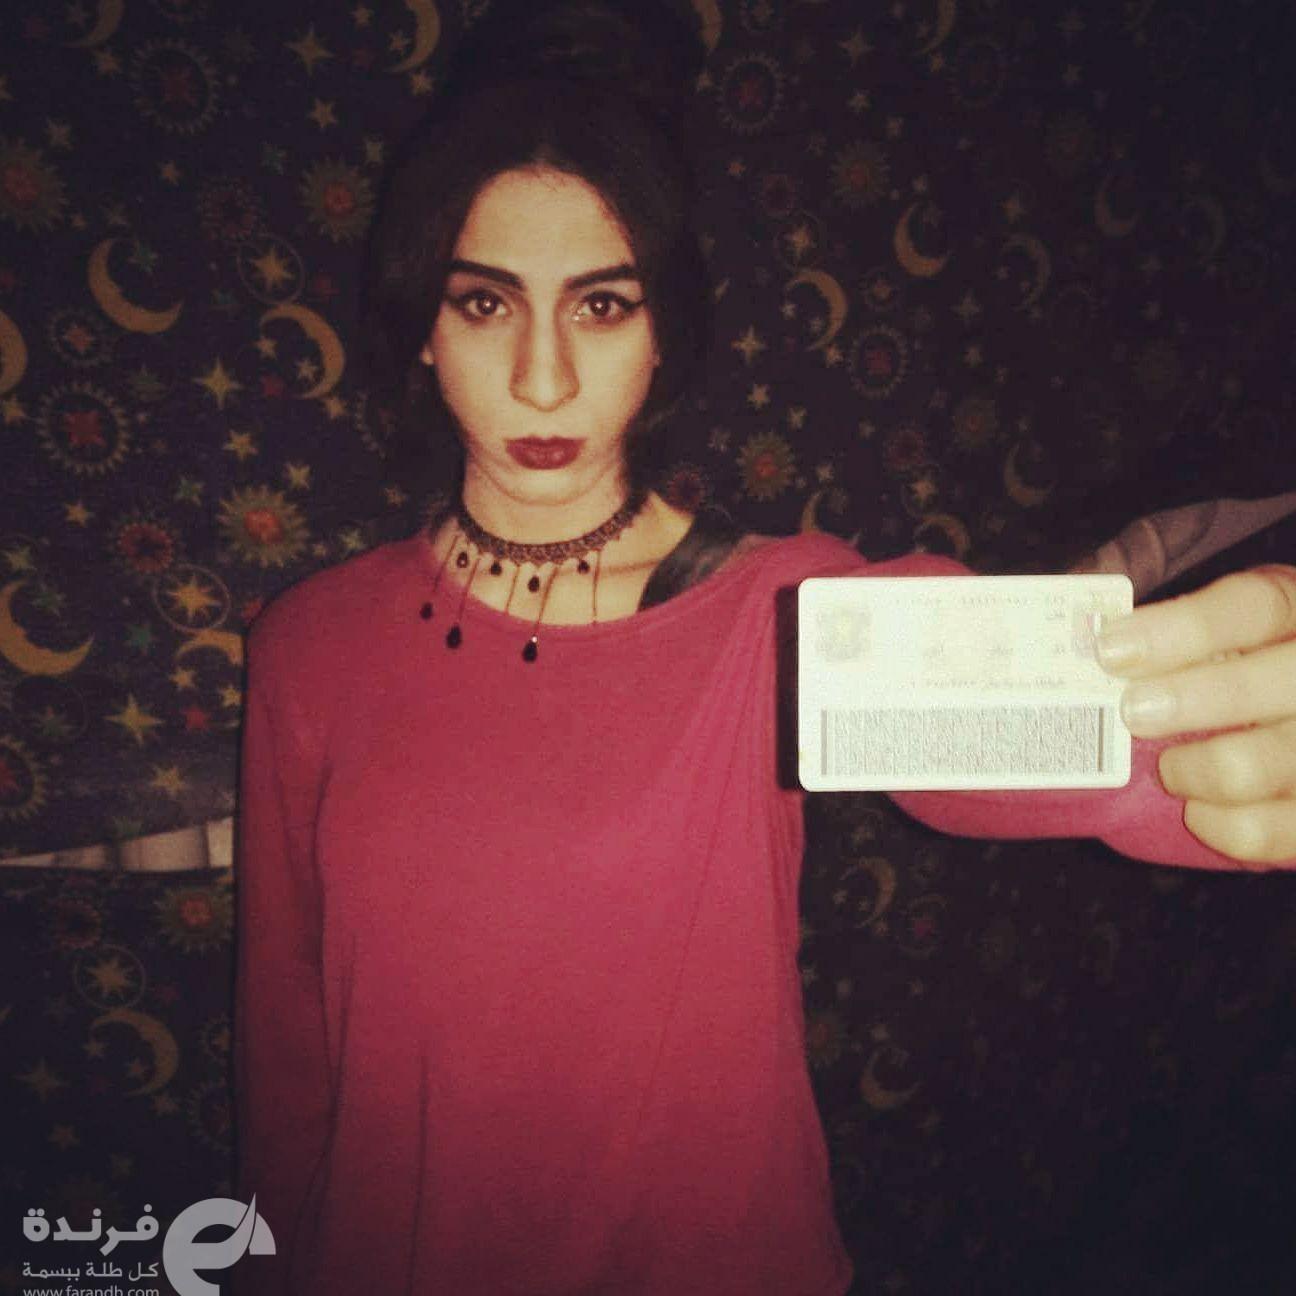 ملك الكاشف أول شاب متحول جنسيا بمصر يدافع عن بسنت فتاة ميت غمر